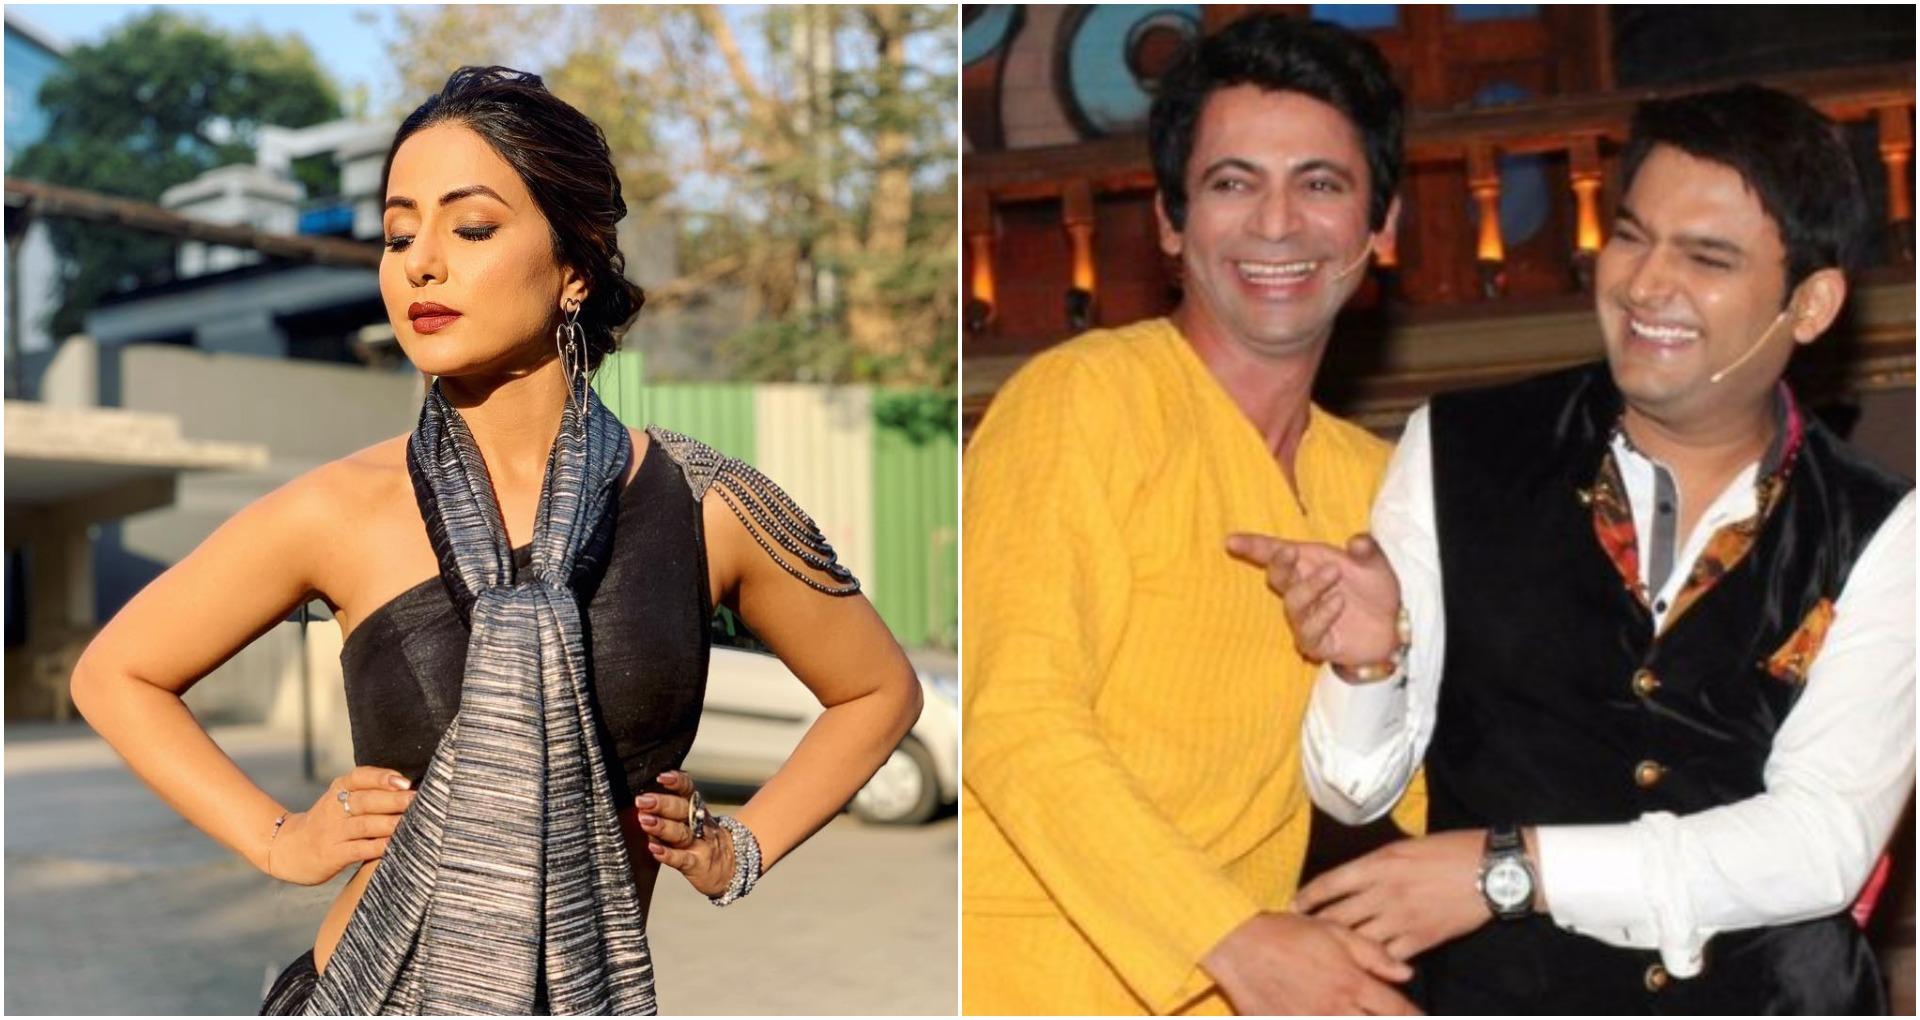 ट्रेंडिंग न्यूज़: हिना खान को मिलाकलर्स टीवी काबड़ा शो, कपिल शर्मा- सुनील ग्रोवर साथ हसाएंगे, पढ़ें टॉप 5 न्यूज़